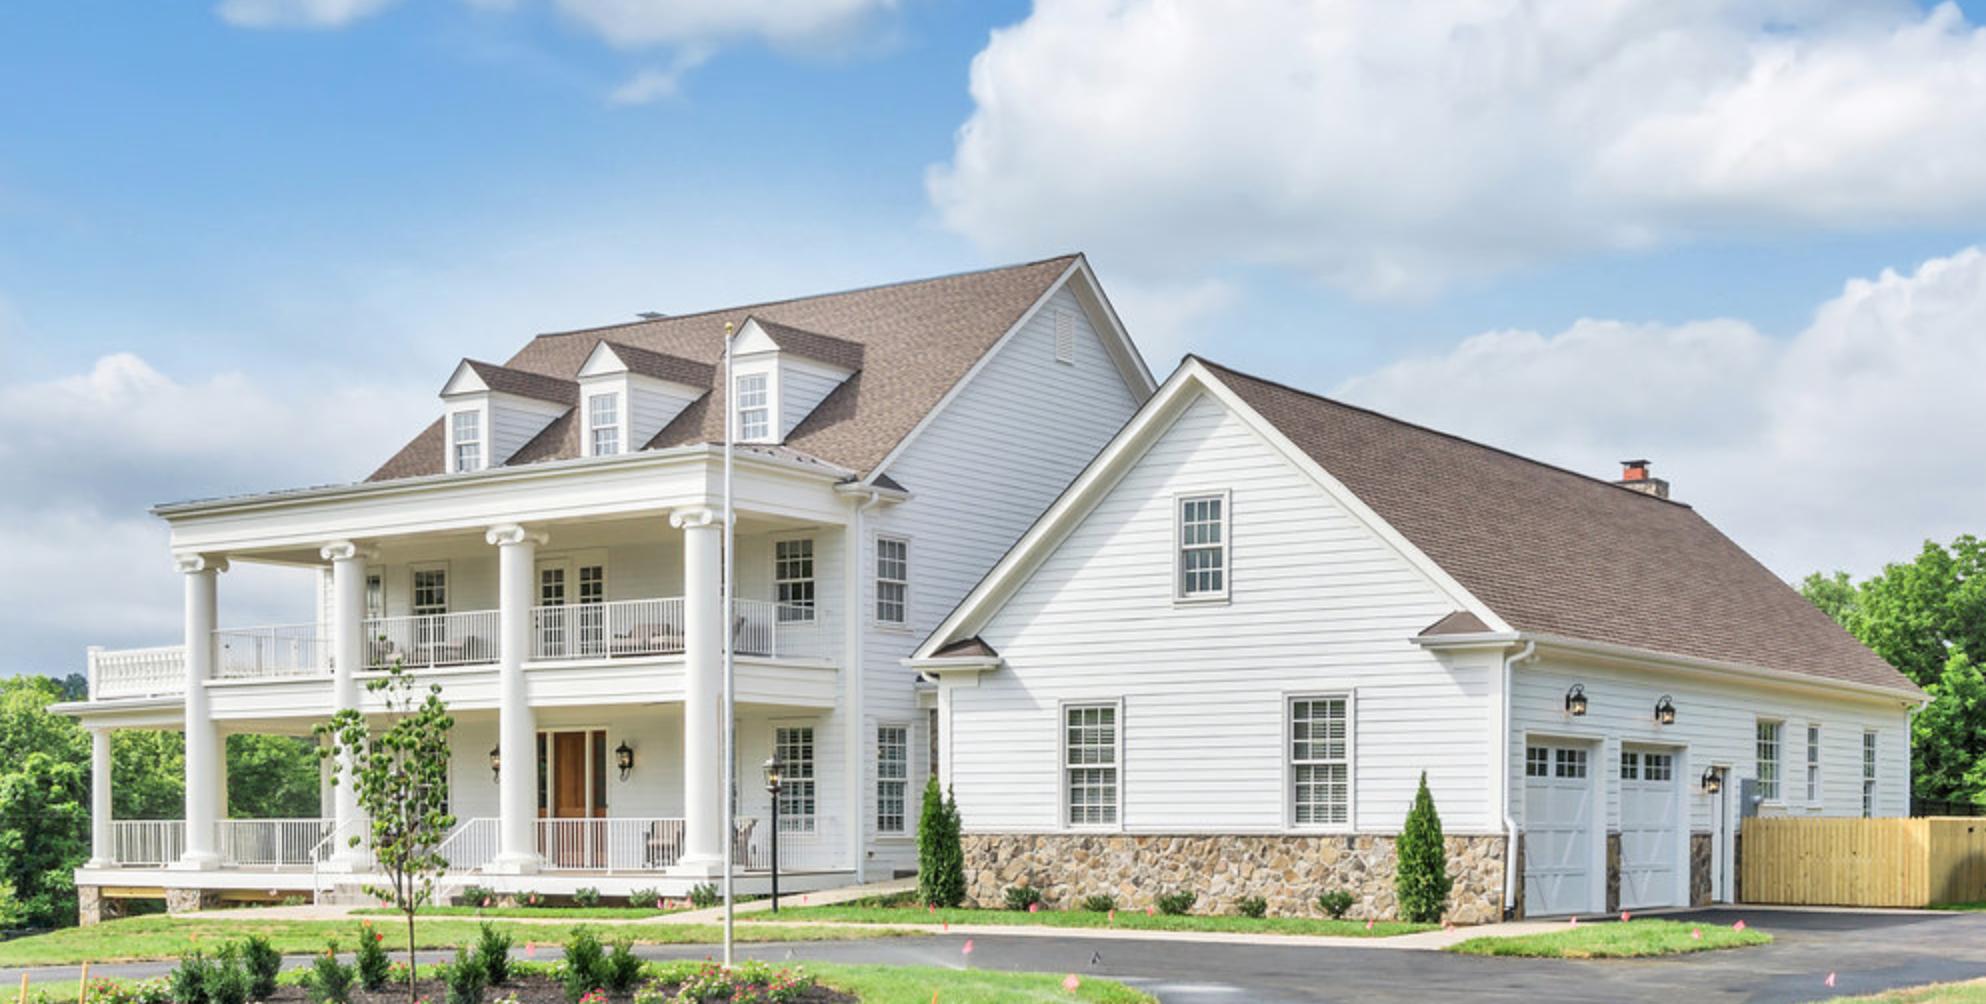 Modern Farmhouse In Charlottesville Va Dominion Custom Homes Custom Home Builders Custom Homes House Exterior